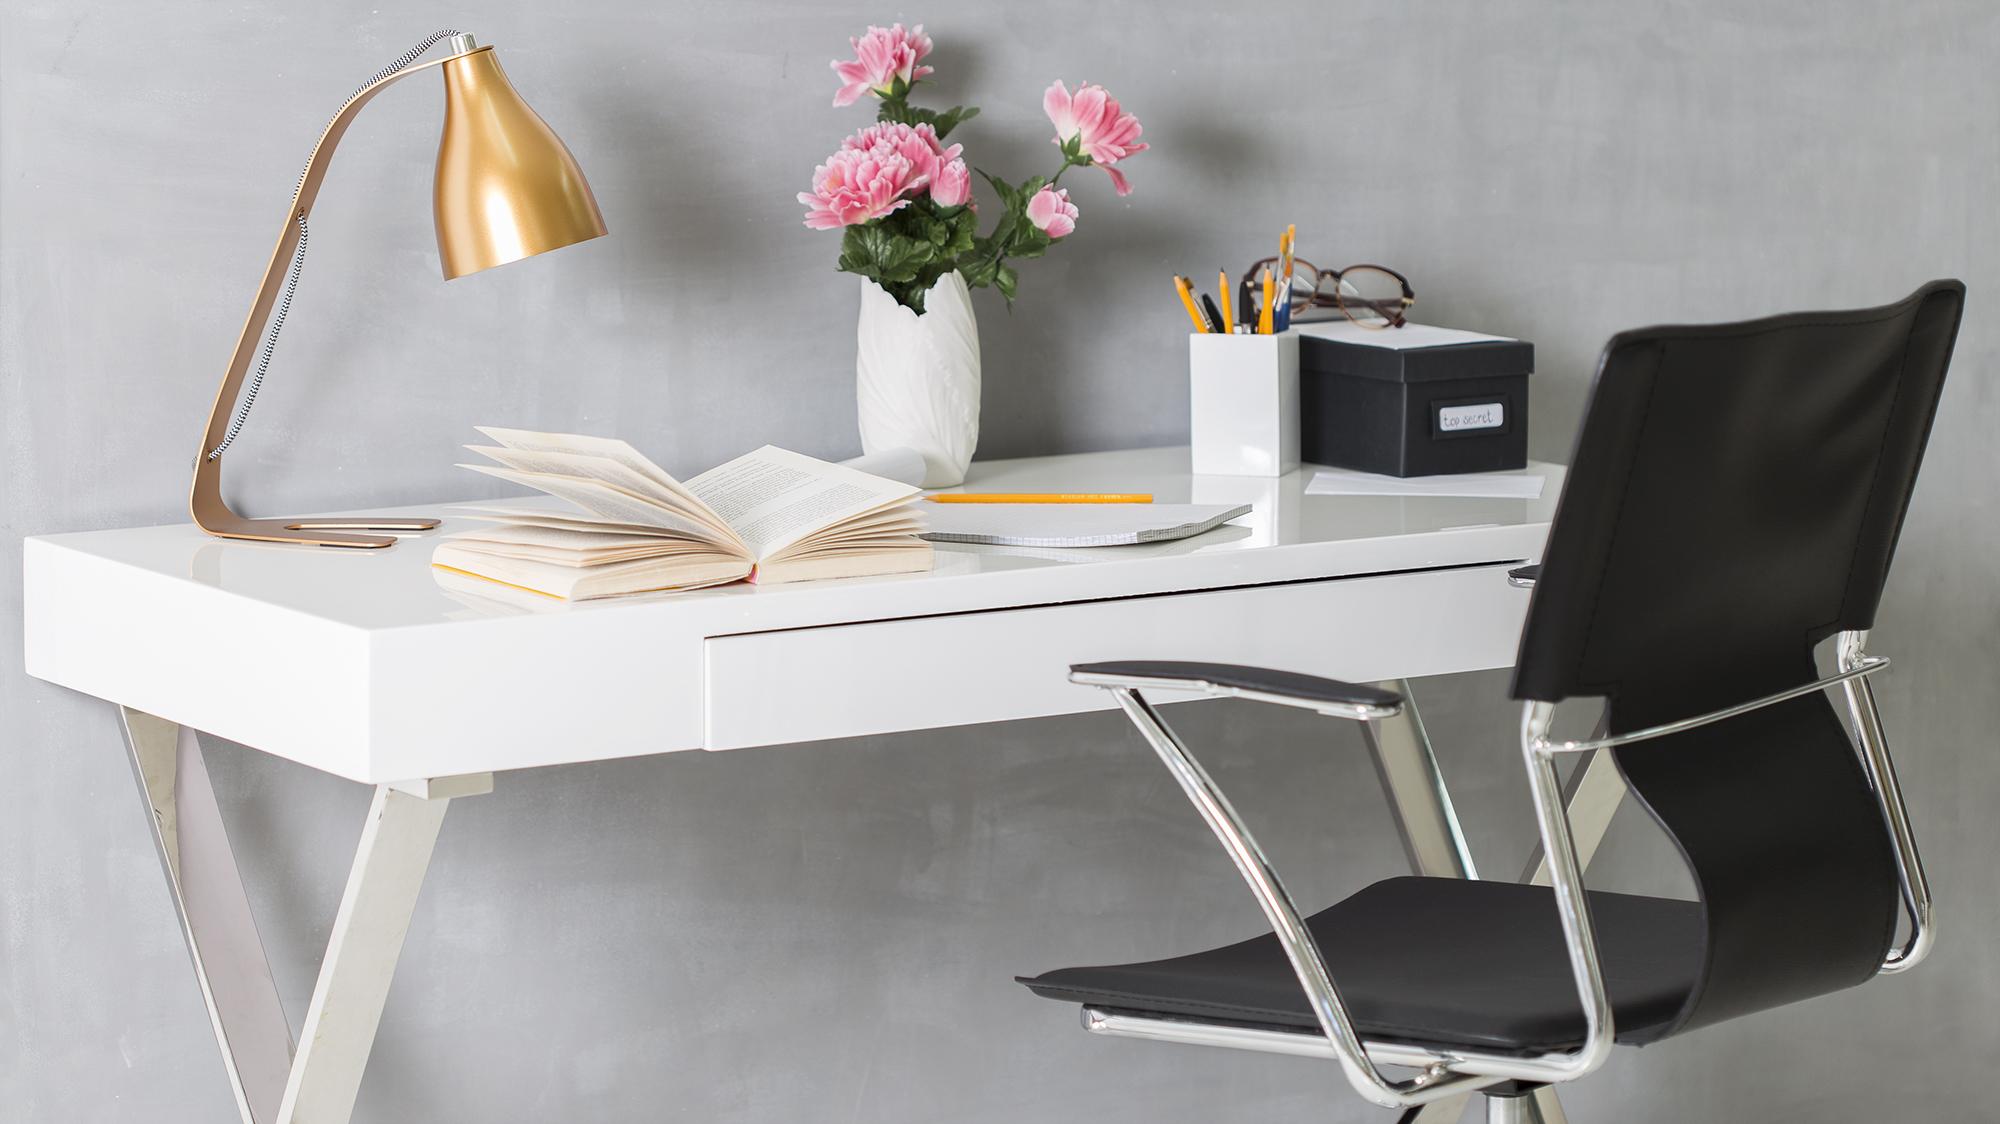 Dalani calendario da tavolo splendido oggetto design for Accessori da ufficio design